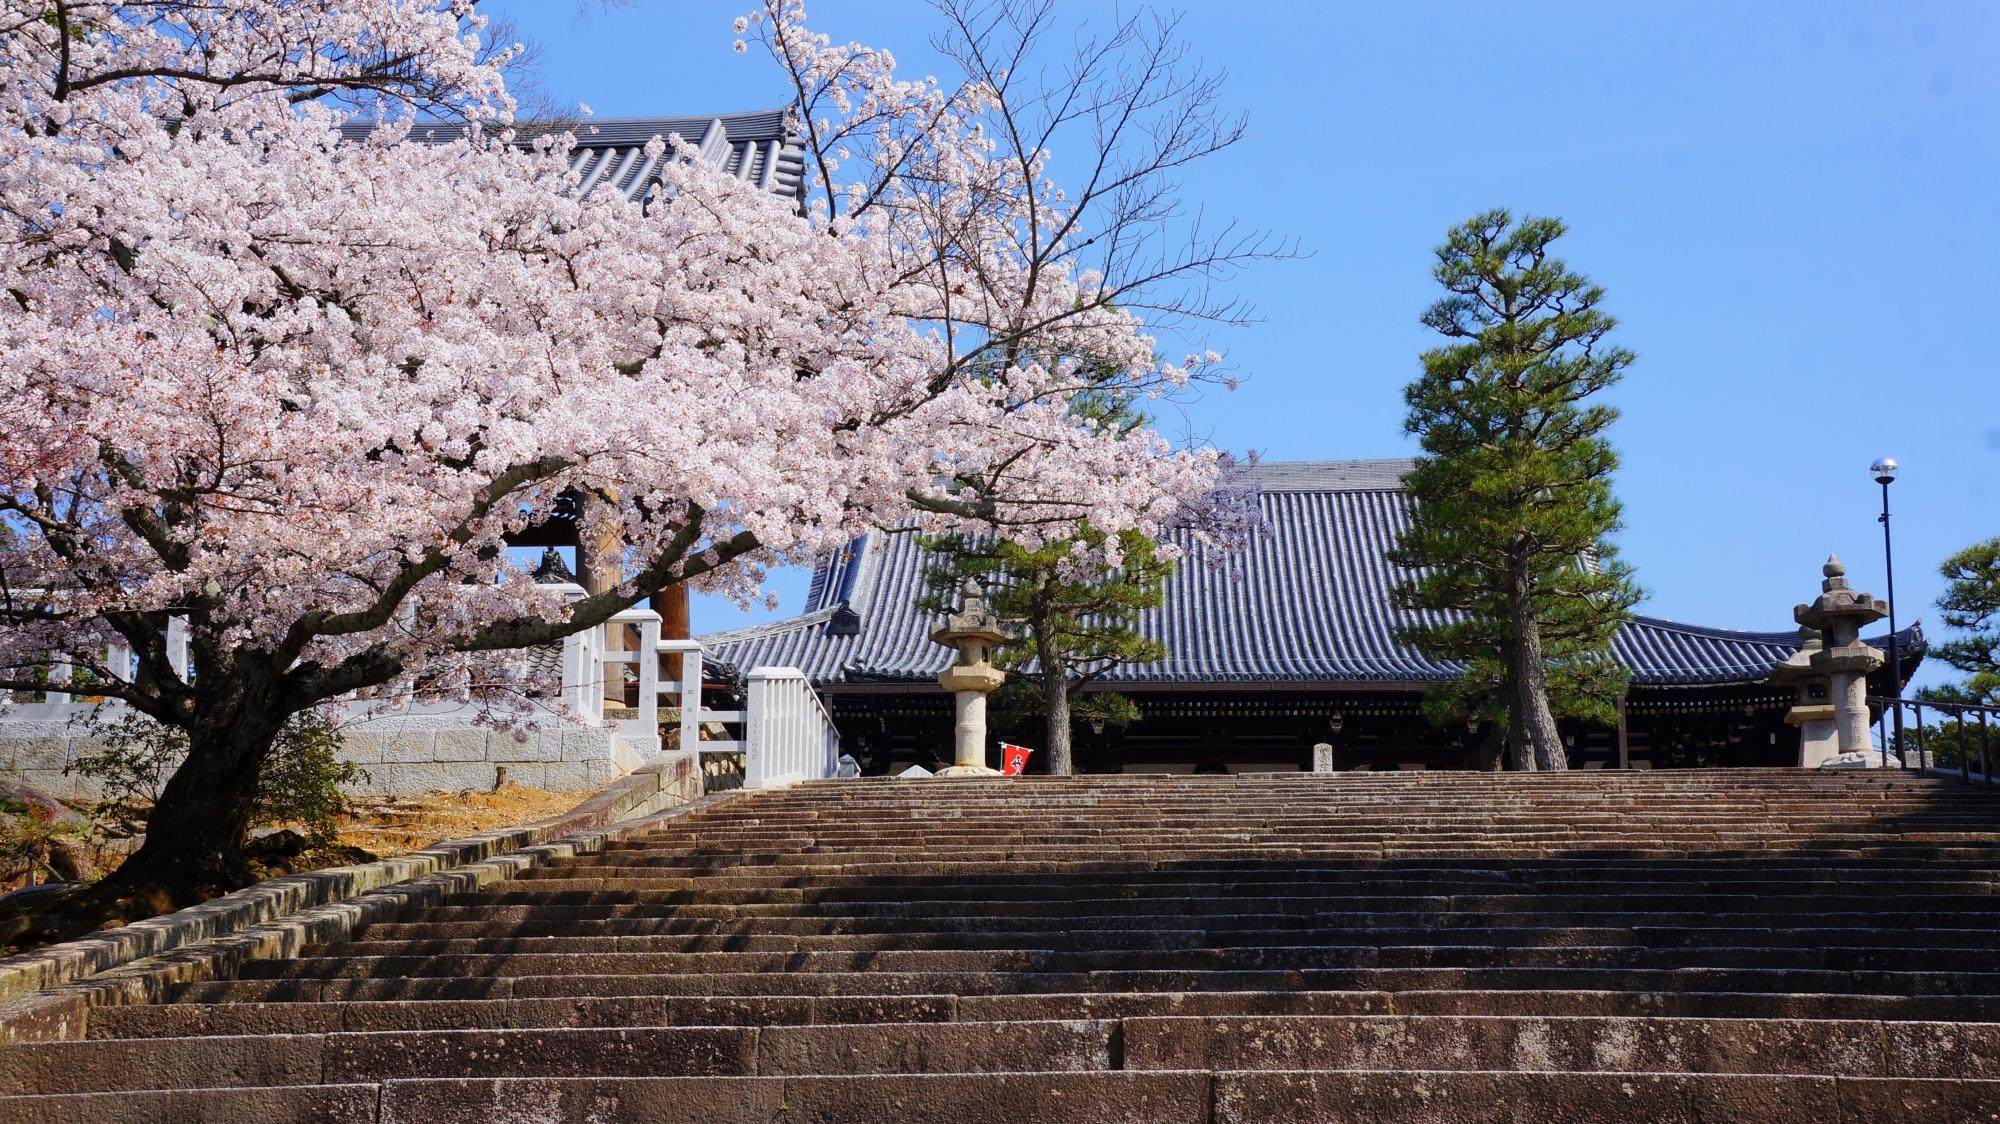 桜が良く合う時代劇に出てきそうな石段